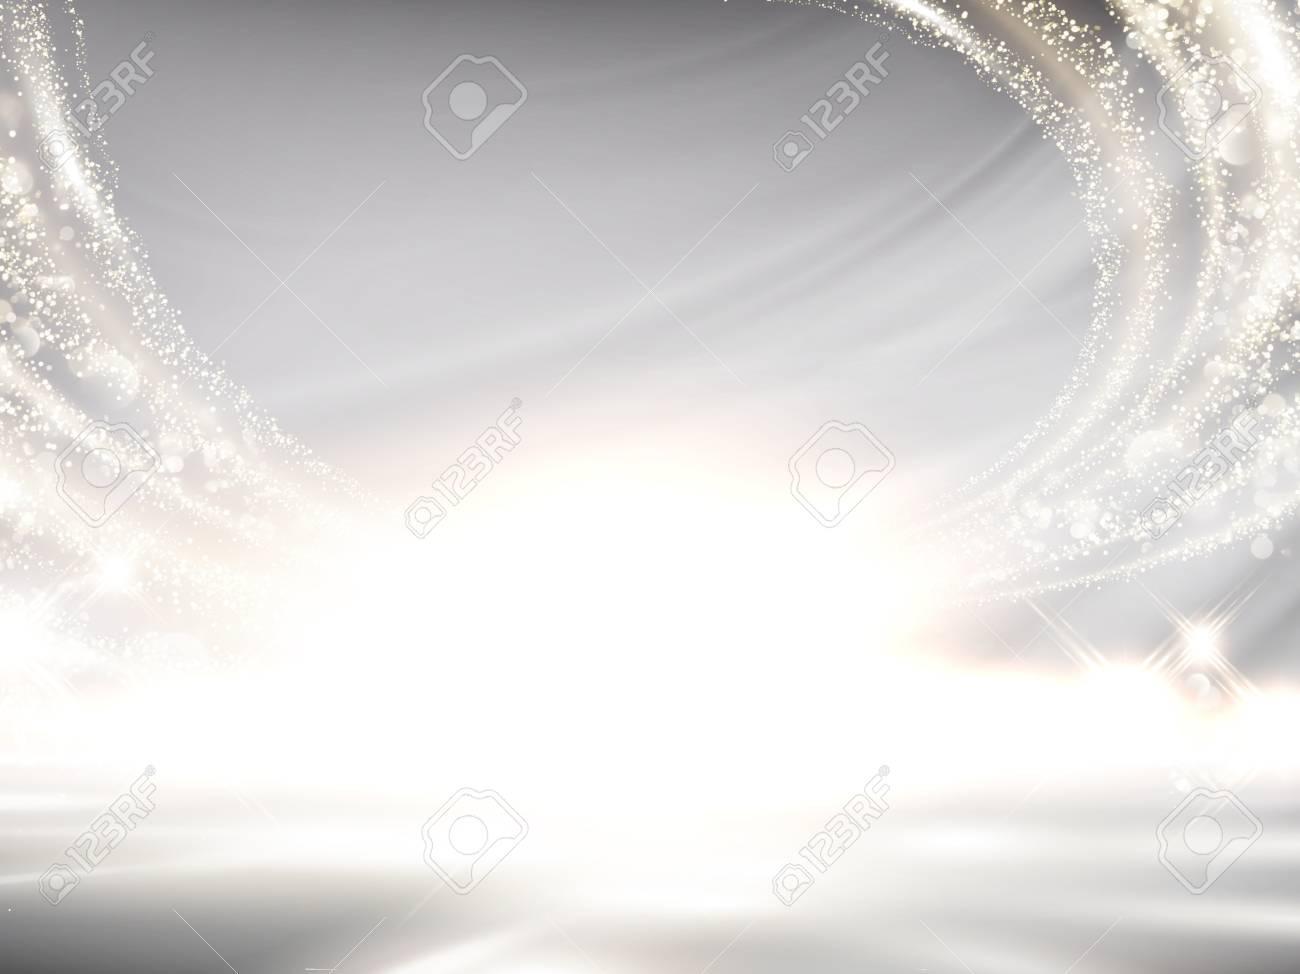 Glittering pearl white background, elegant wavy light effect for design uses in 3d illustration - 94128628